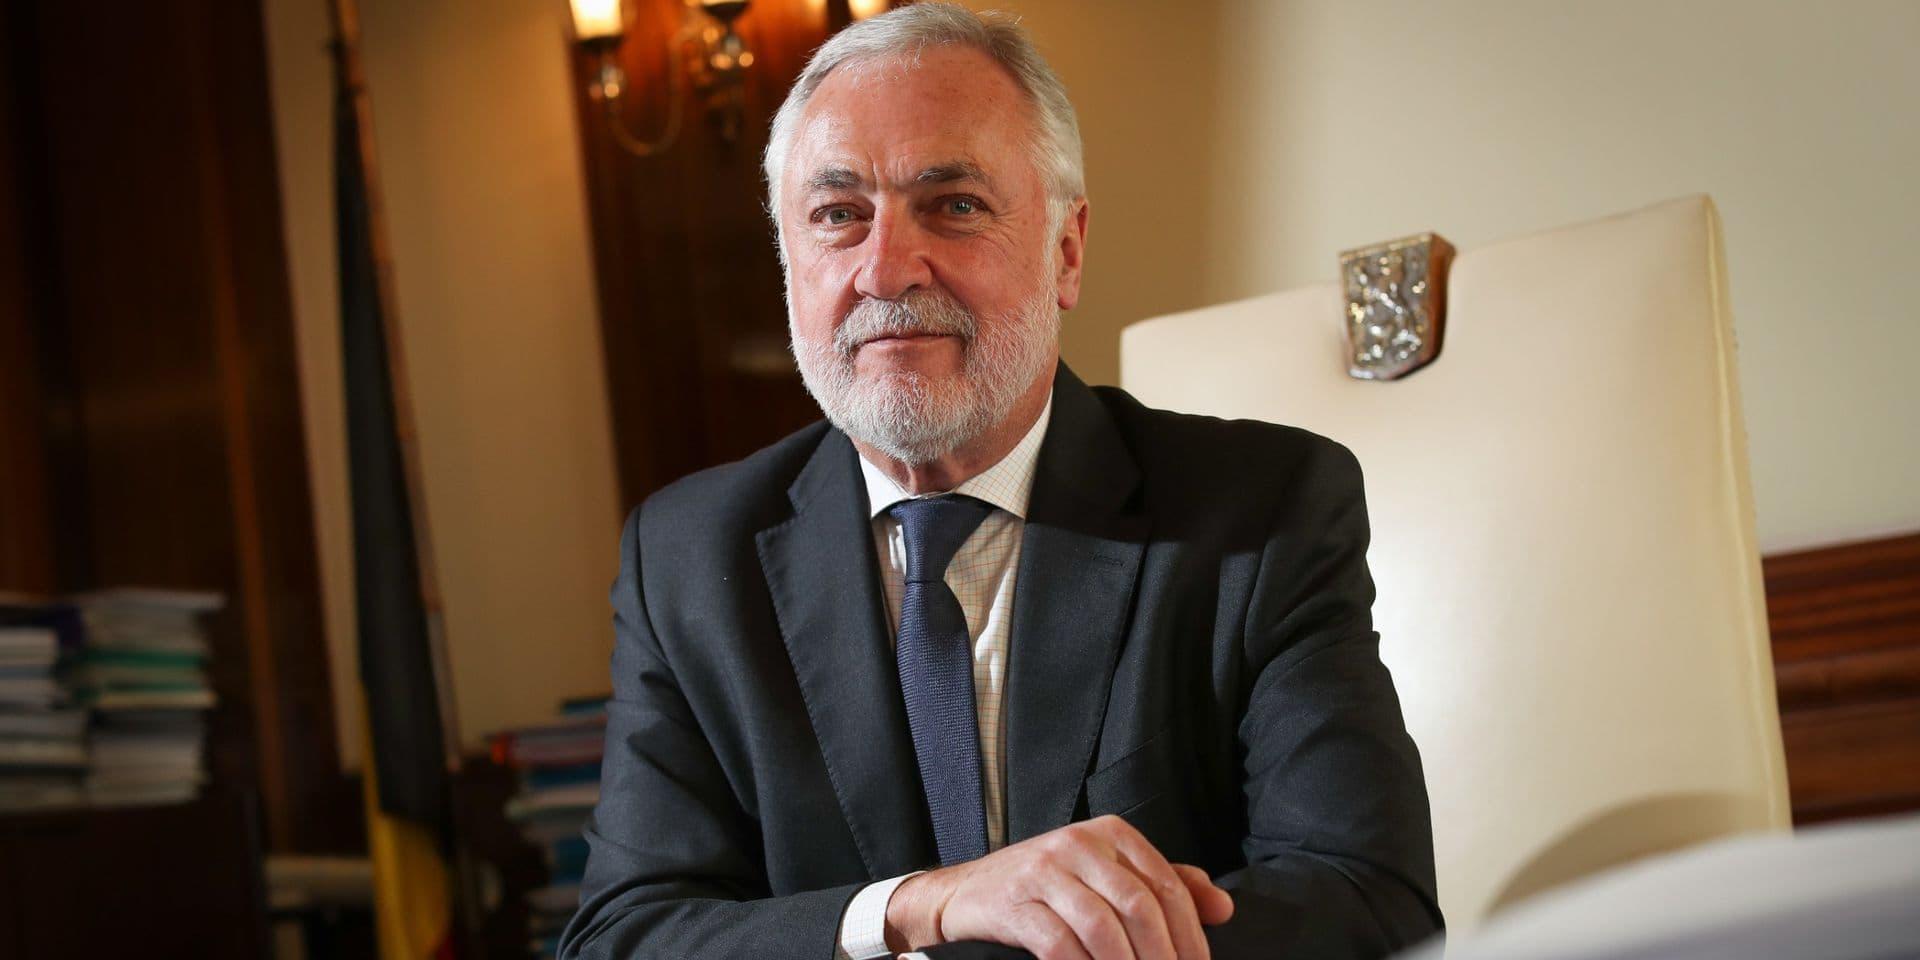 Demande de levée d'immunité parlementaire contre l'ancien bourgmestre de Koekelberg Philippe Pivin